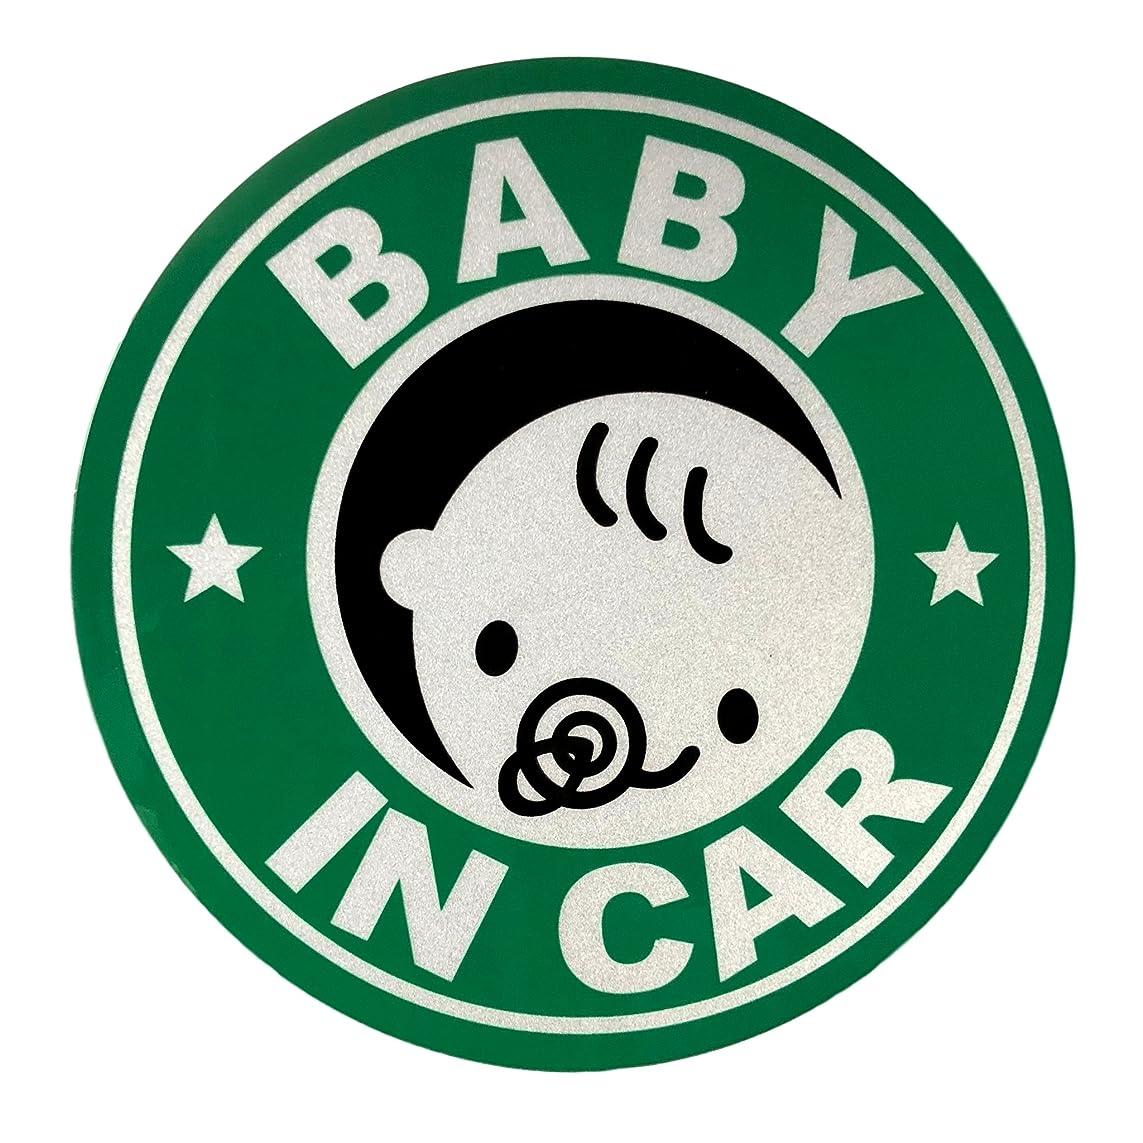 モンスター衝突する報復する【全16色】人気!ベイビー イン カー ステッカー!Baby in car Sticker/車用/シール/Vinyl/Decal/バイナル/デカール/ステッカー/hands-1 (ゴールド) [並行輸入品]